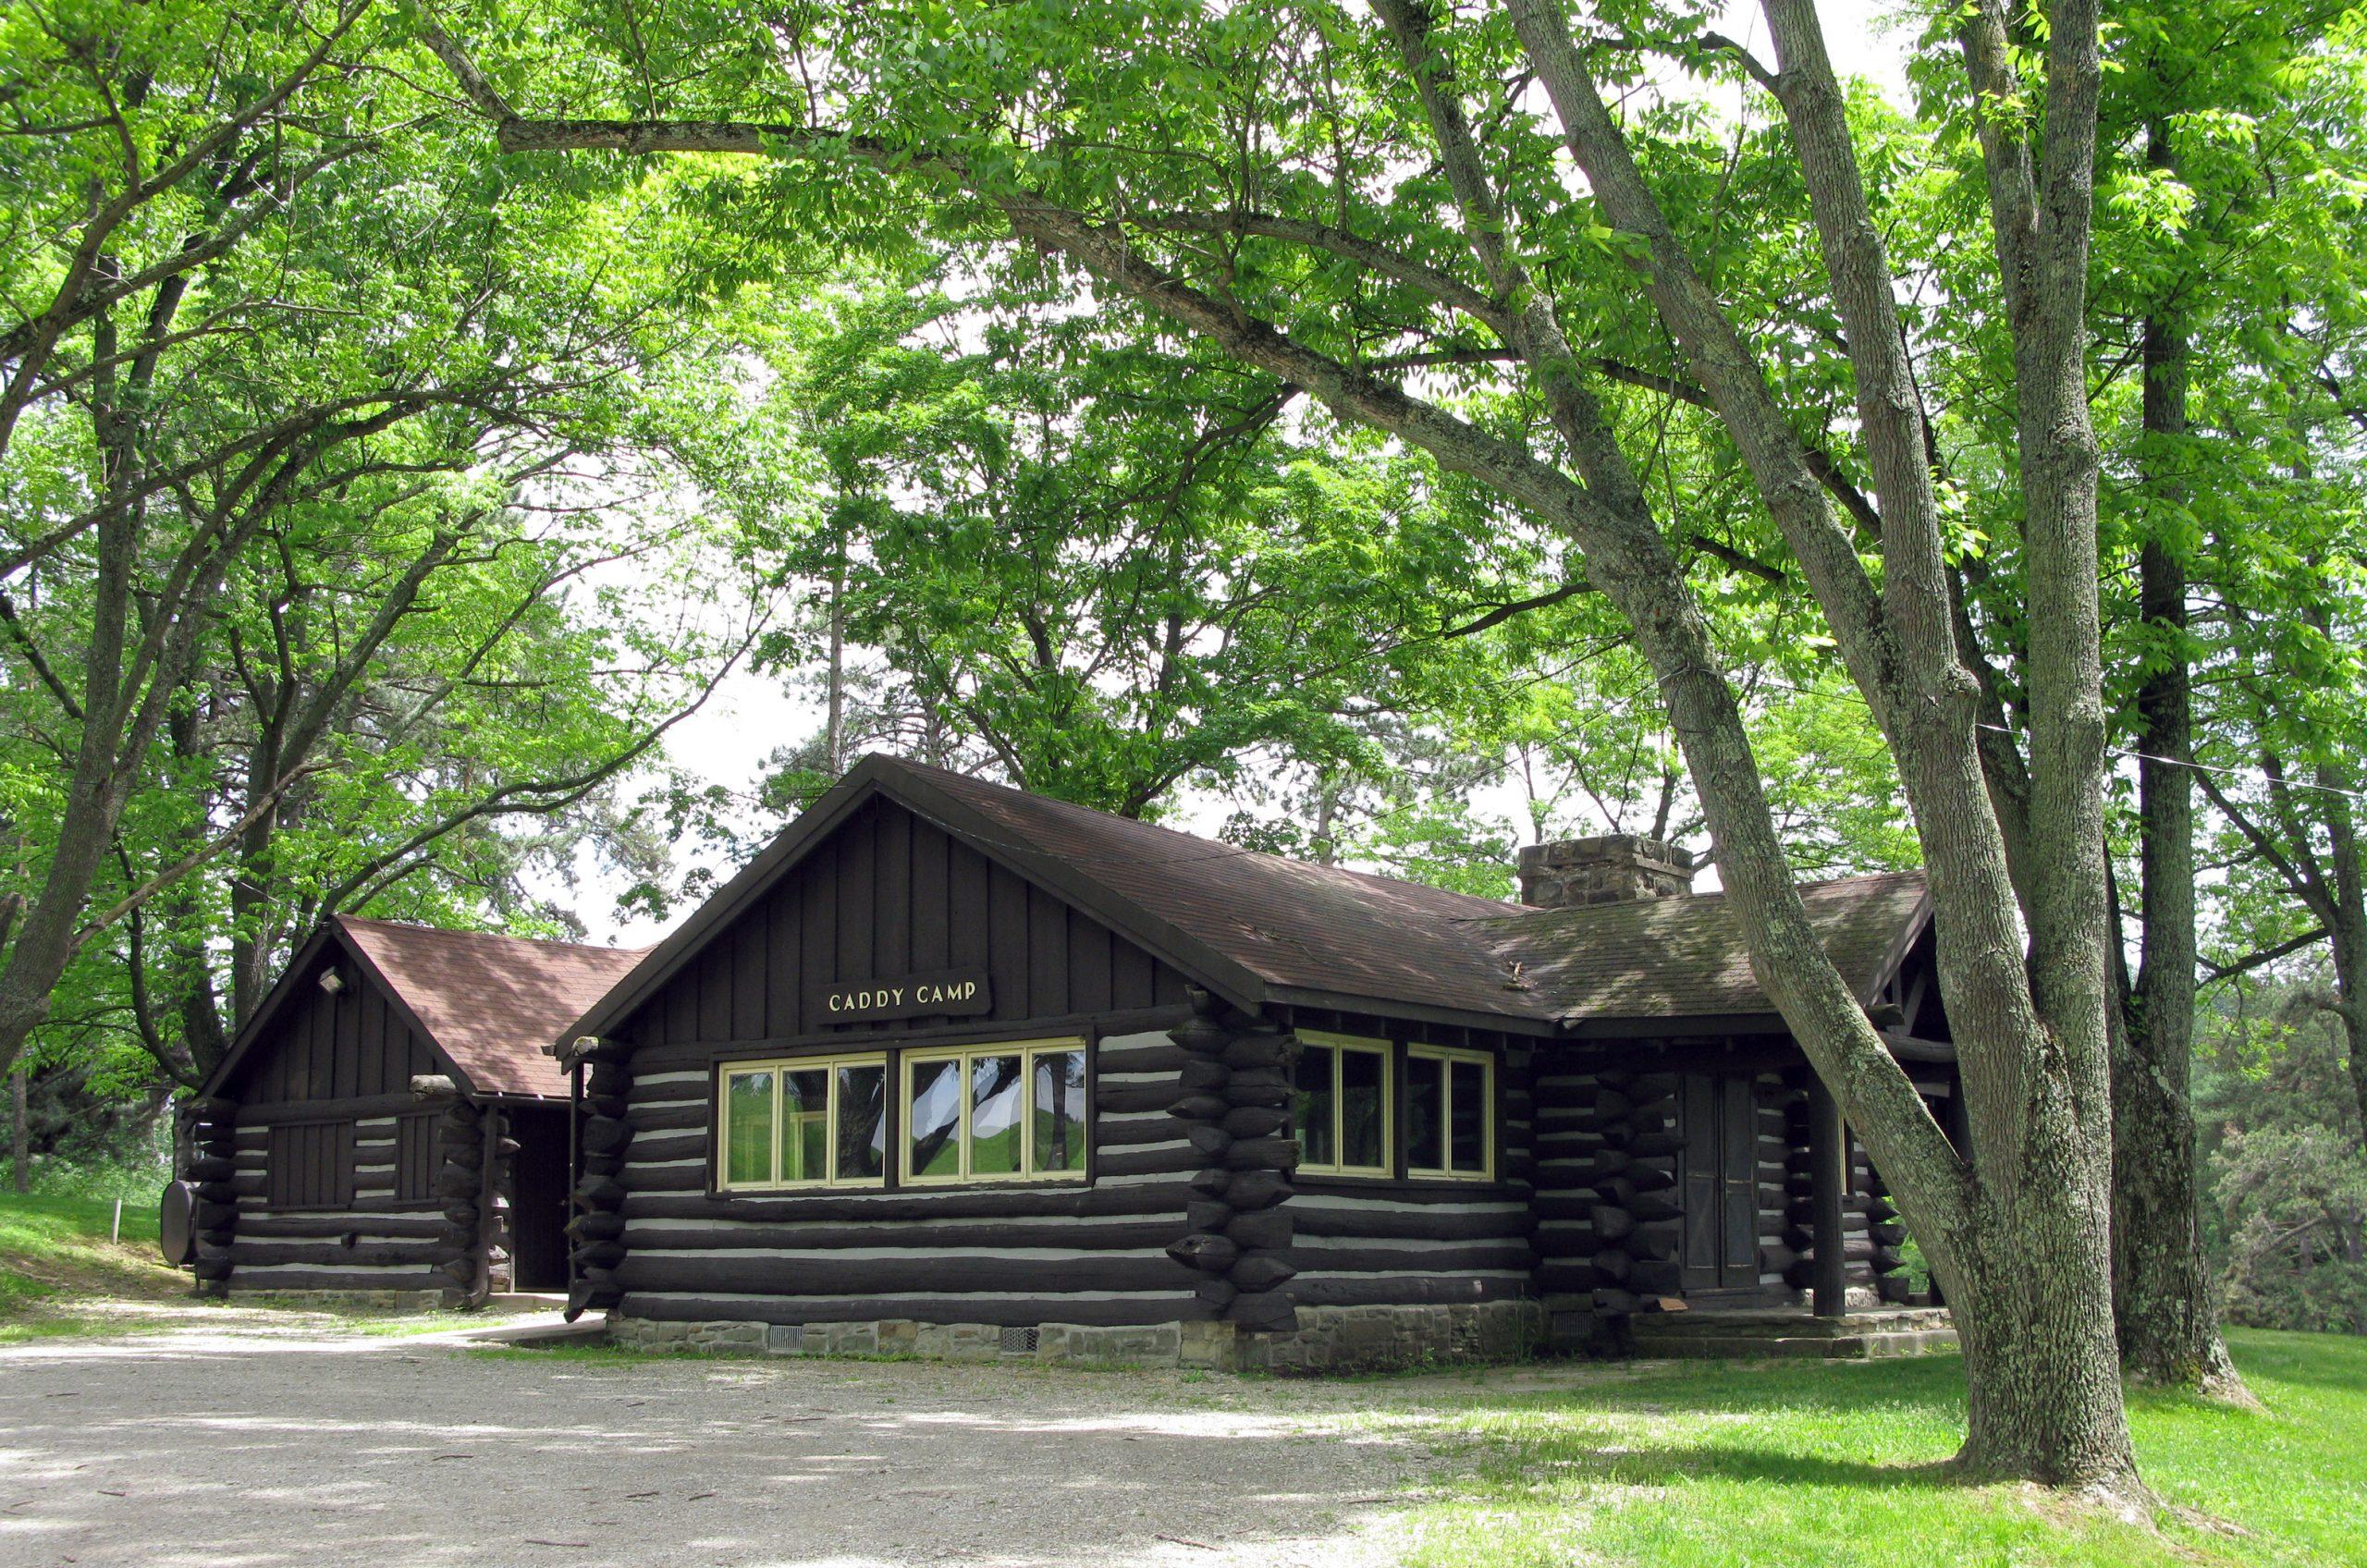 Caddy Camp